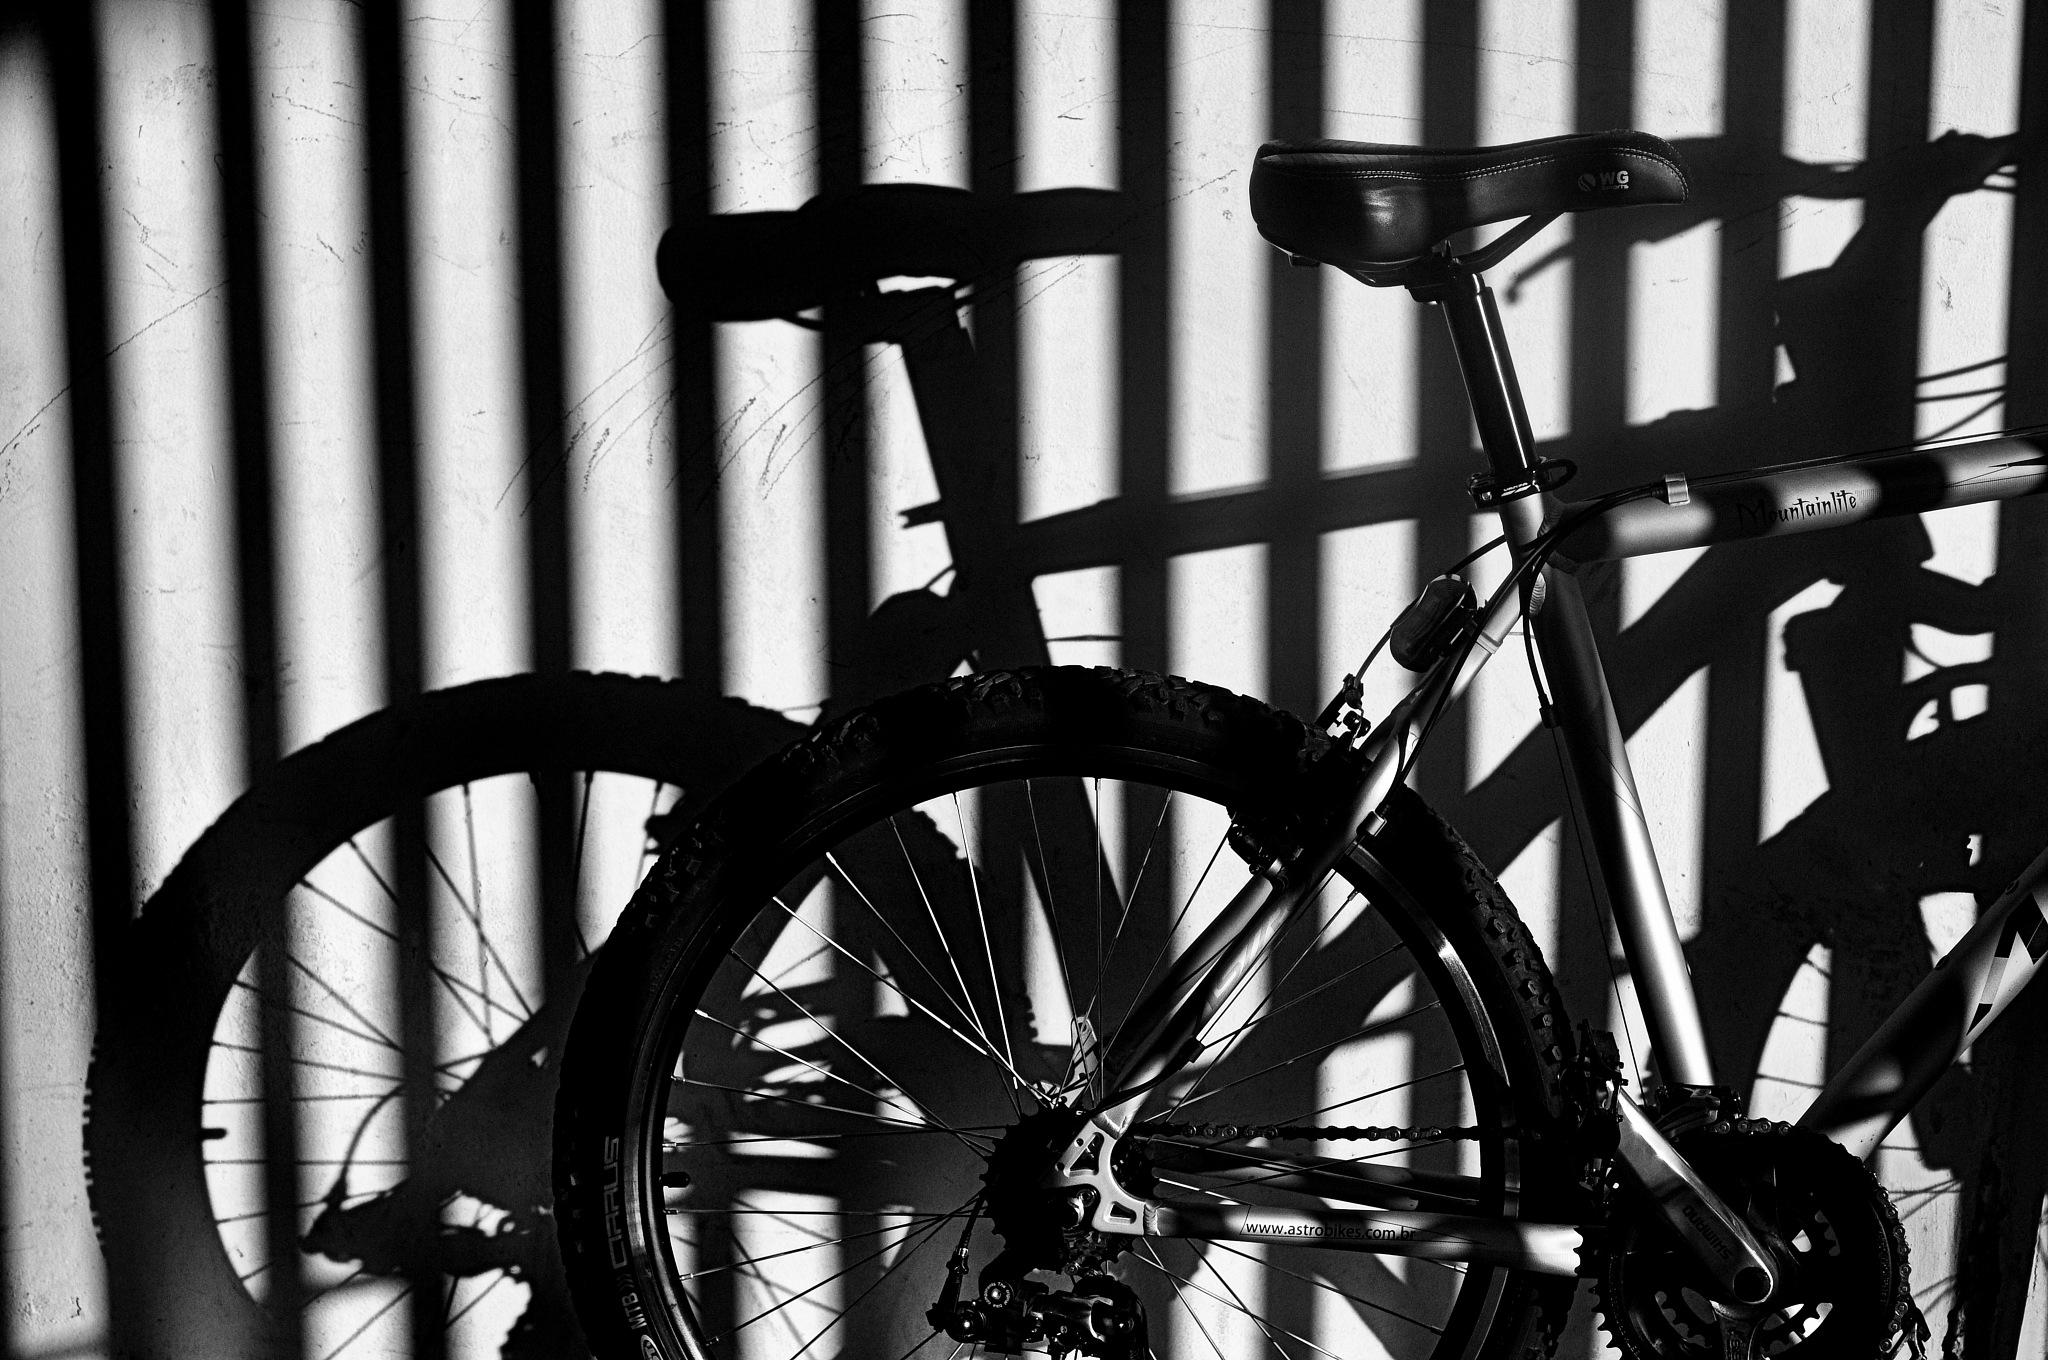 Bike by José Evaldo Suassuna de Oliveira